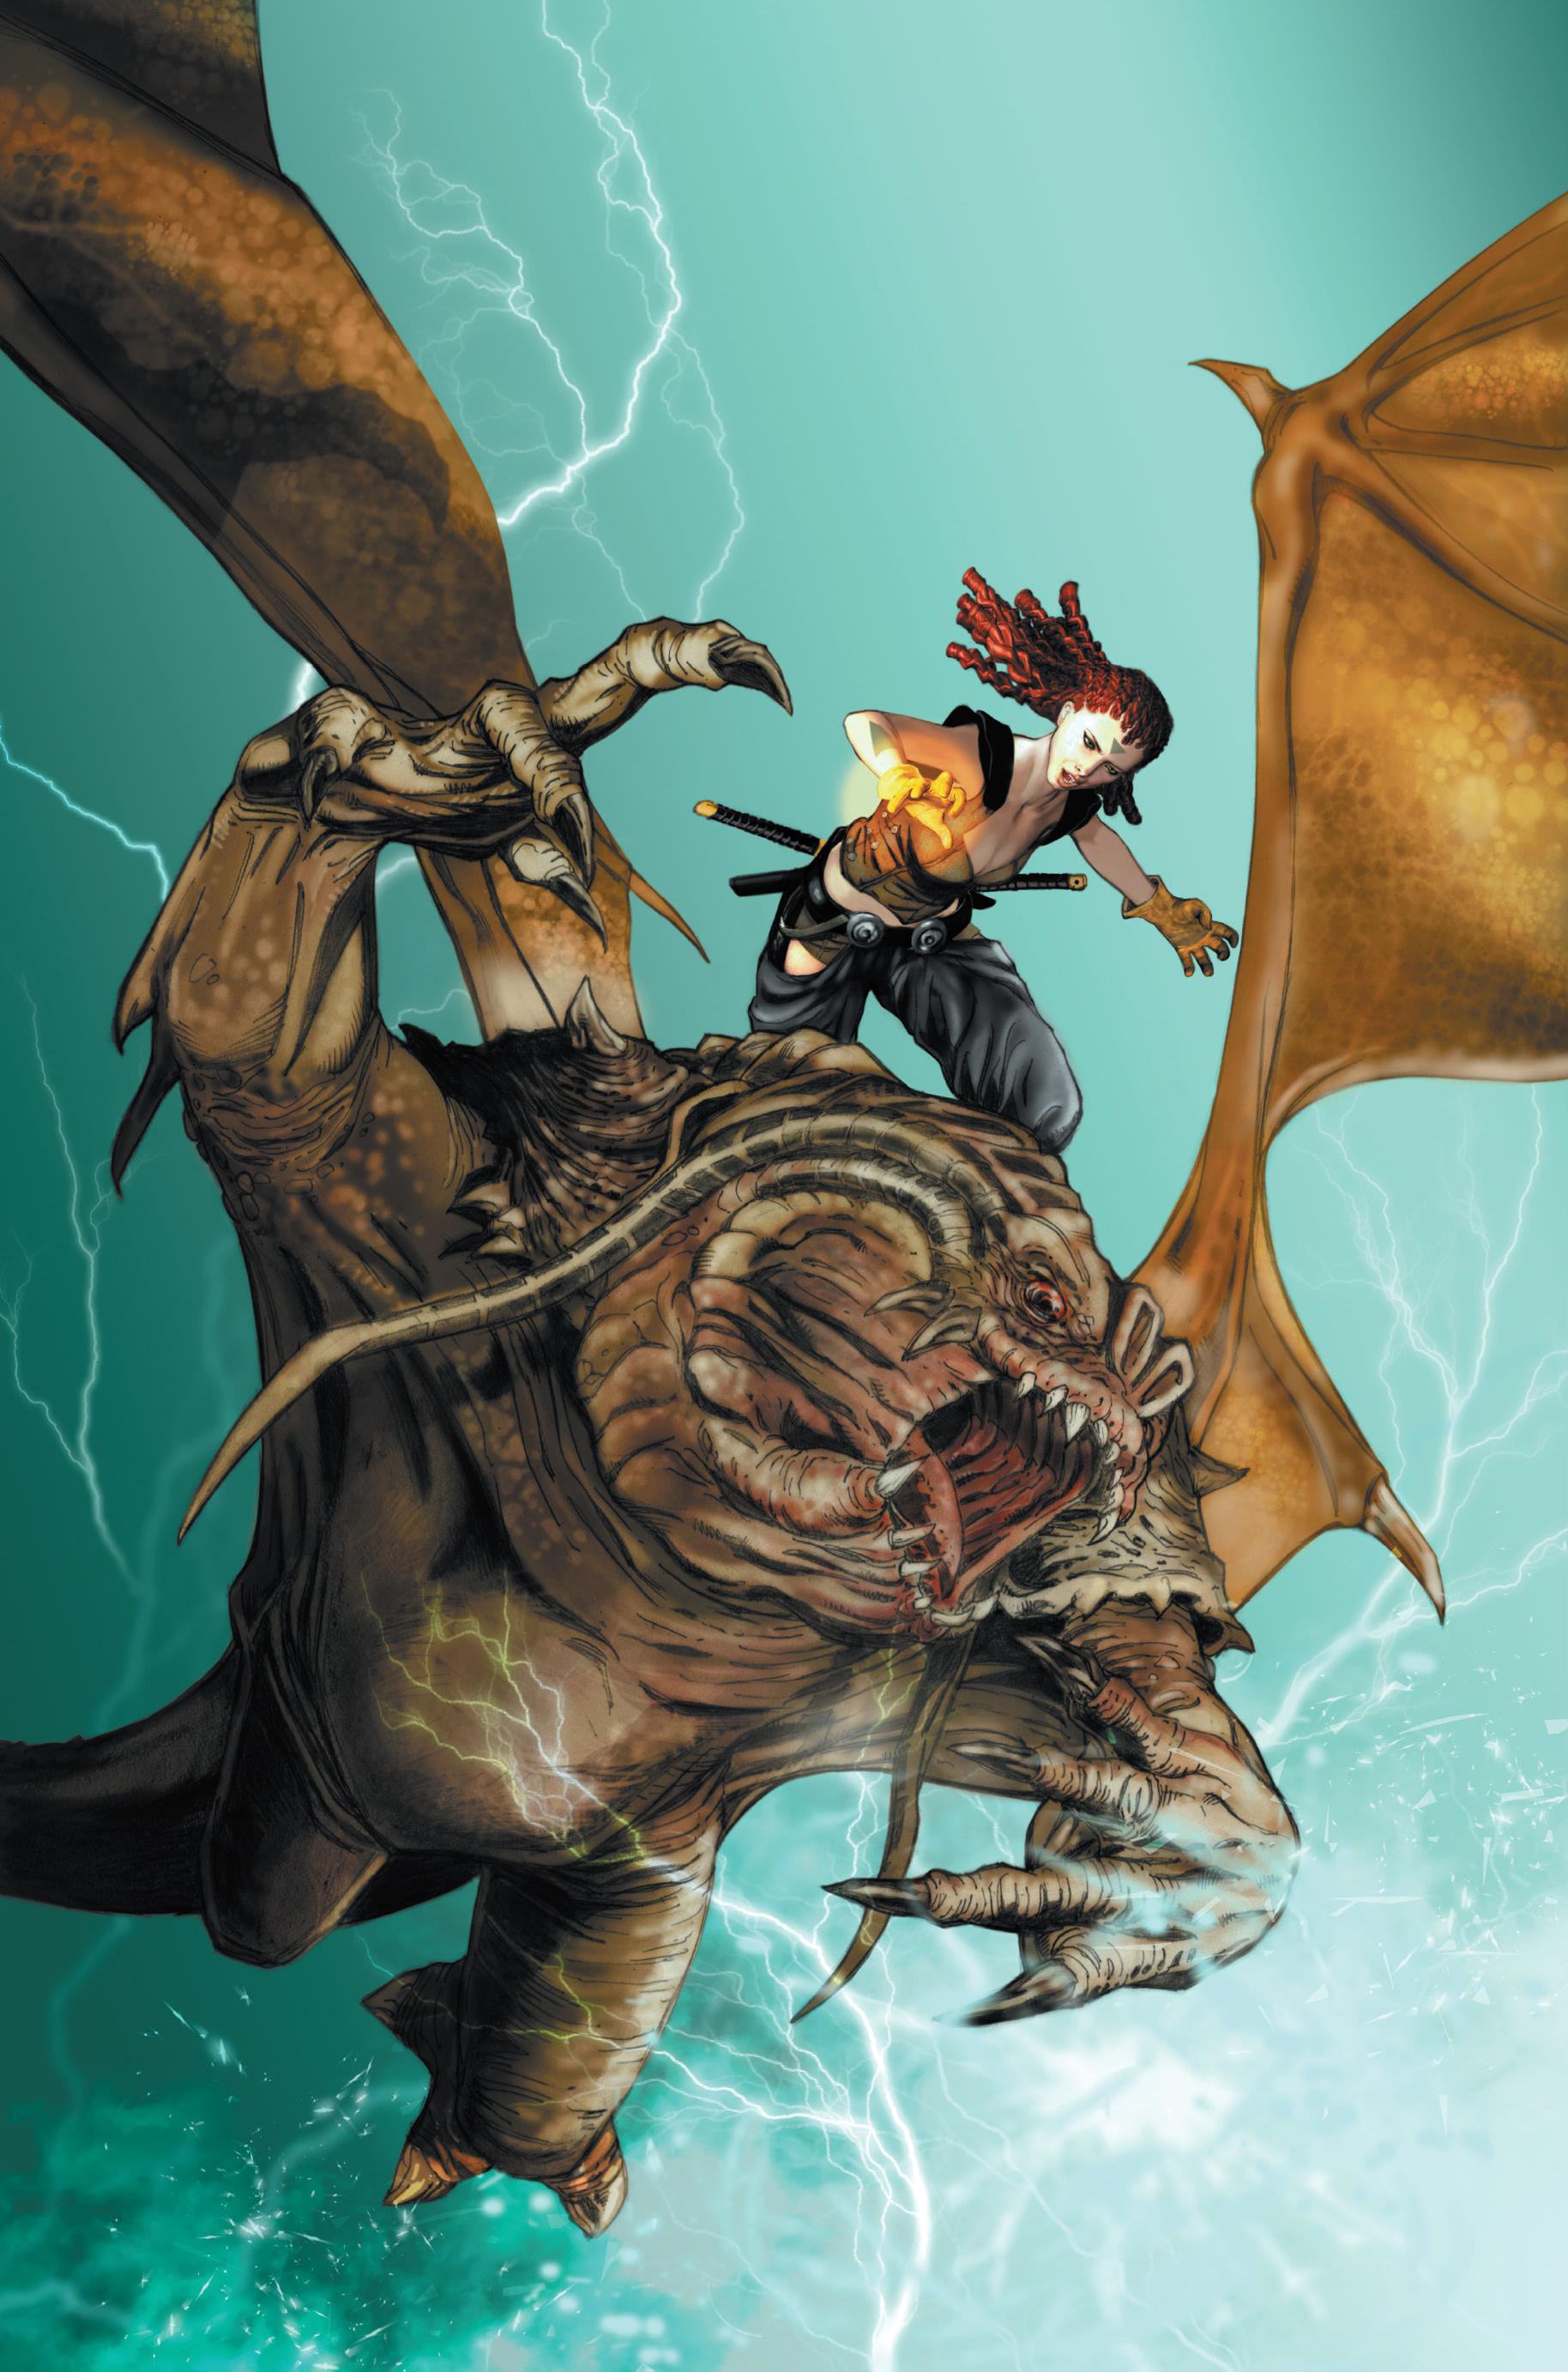 Rancor-dragon - Wookieepedia, the Star Wars Wiki